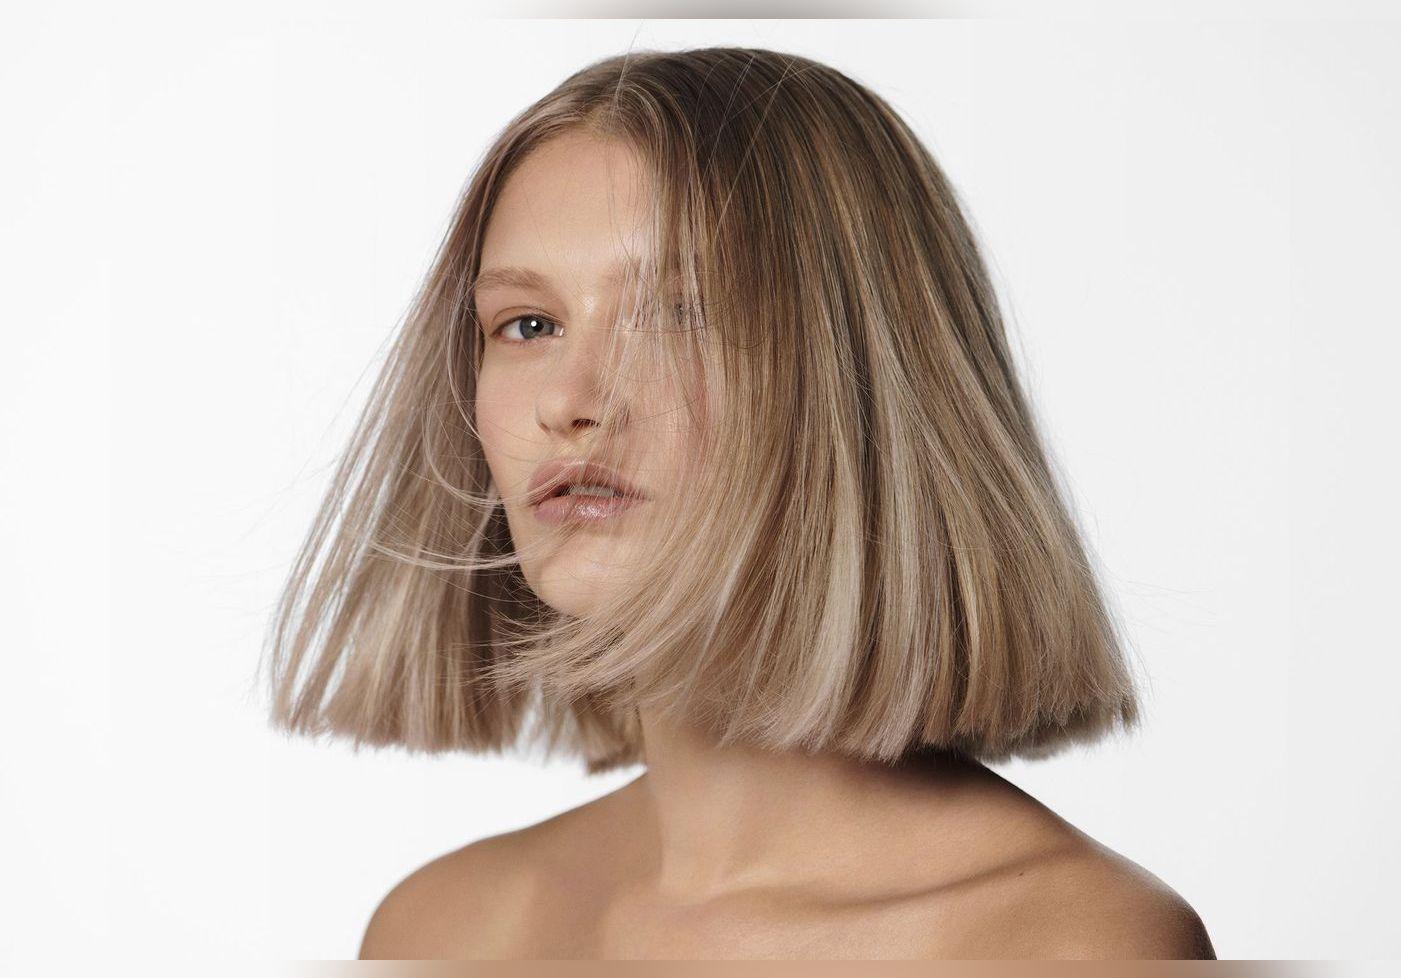 Tendances Coiffure 2020 Les Coupes De Cheveux En Vogue Cet Automne Hiver